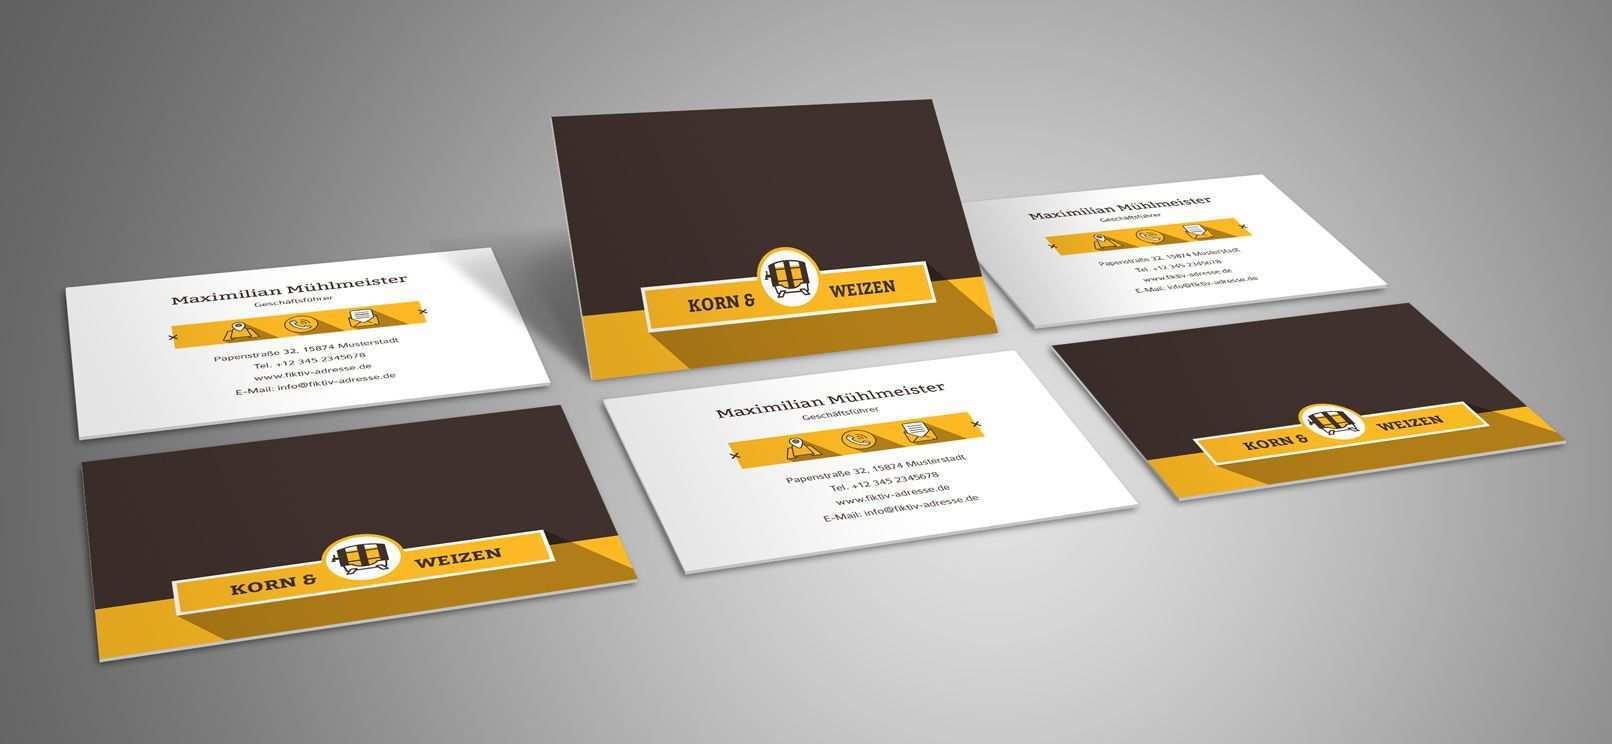 Design Vorlagen Fur Visitenkarten Herunterladen Word Indesign Corel Visitenkarten Vorlagen Visitenkarten Visitenkarten Design